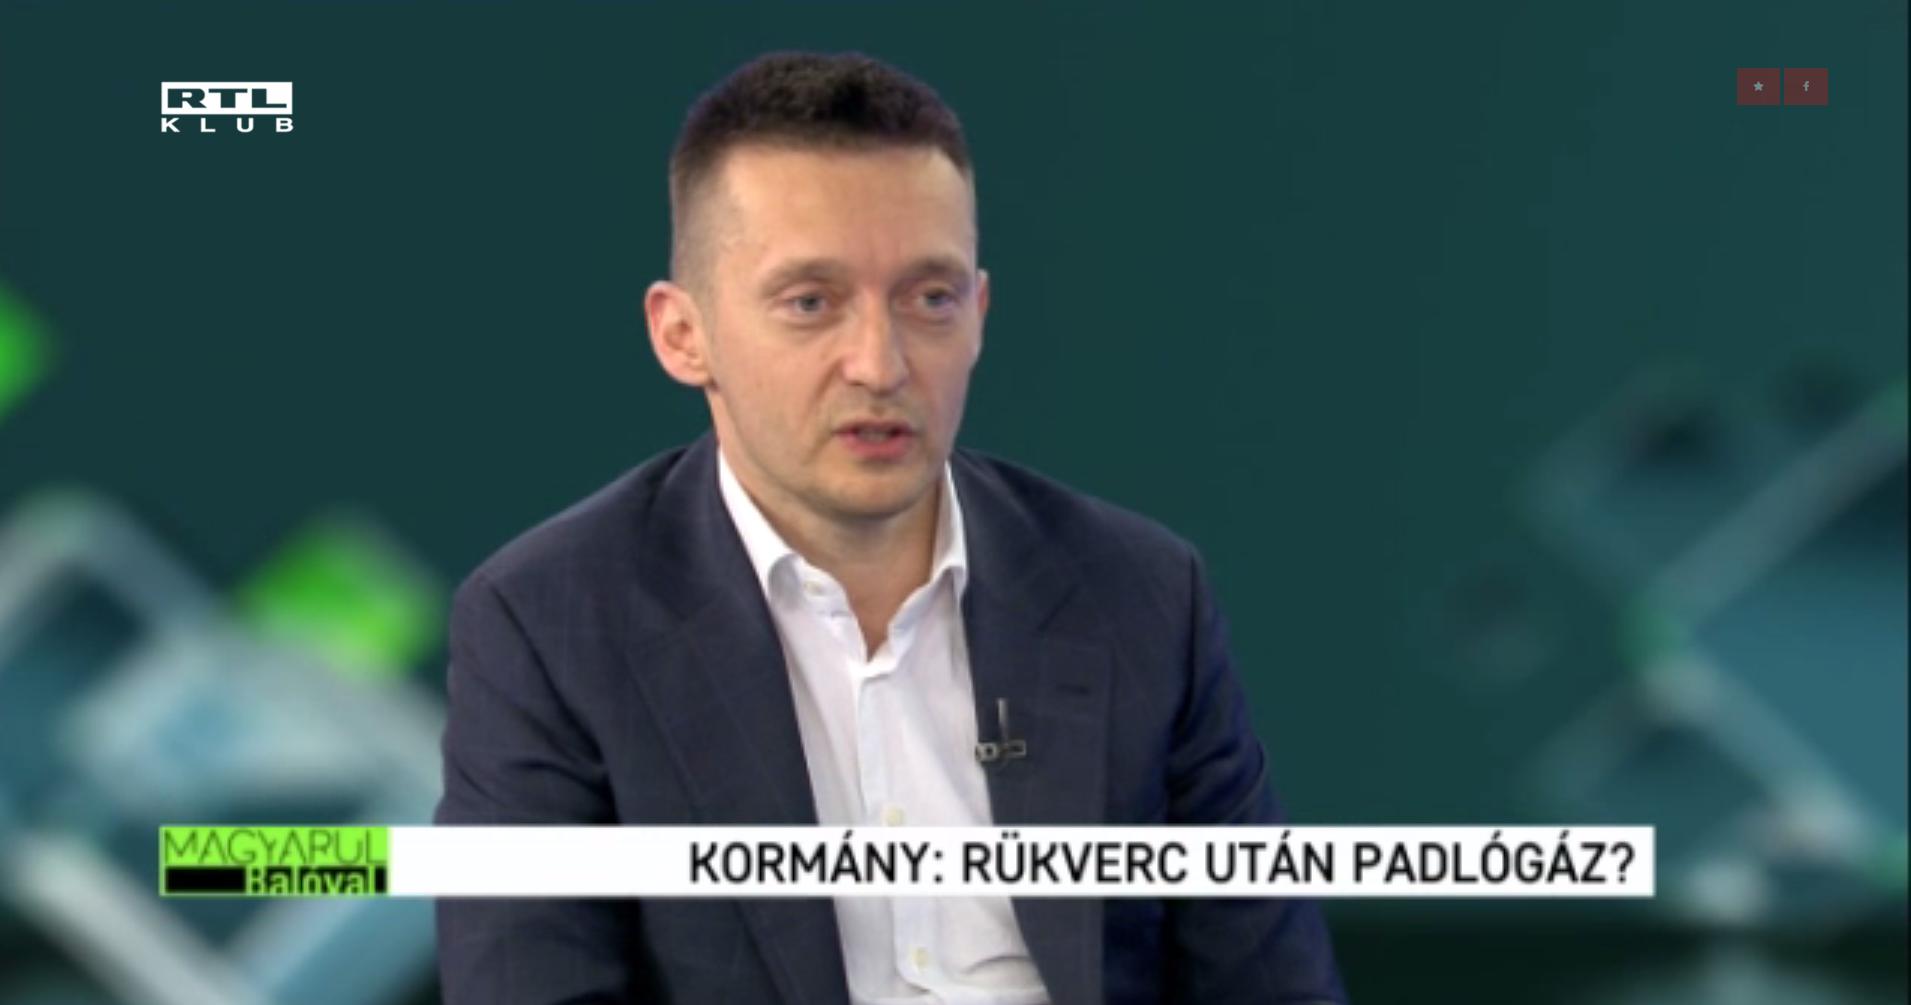 Már régen azon tanakodtak, hogy mi legyen a boltzárral, amikor Orbán, Lázár és Kovács is magabiztosan állították, hogy marad